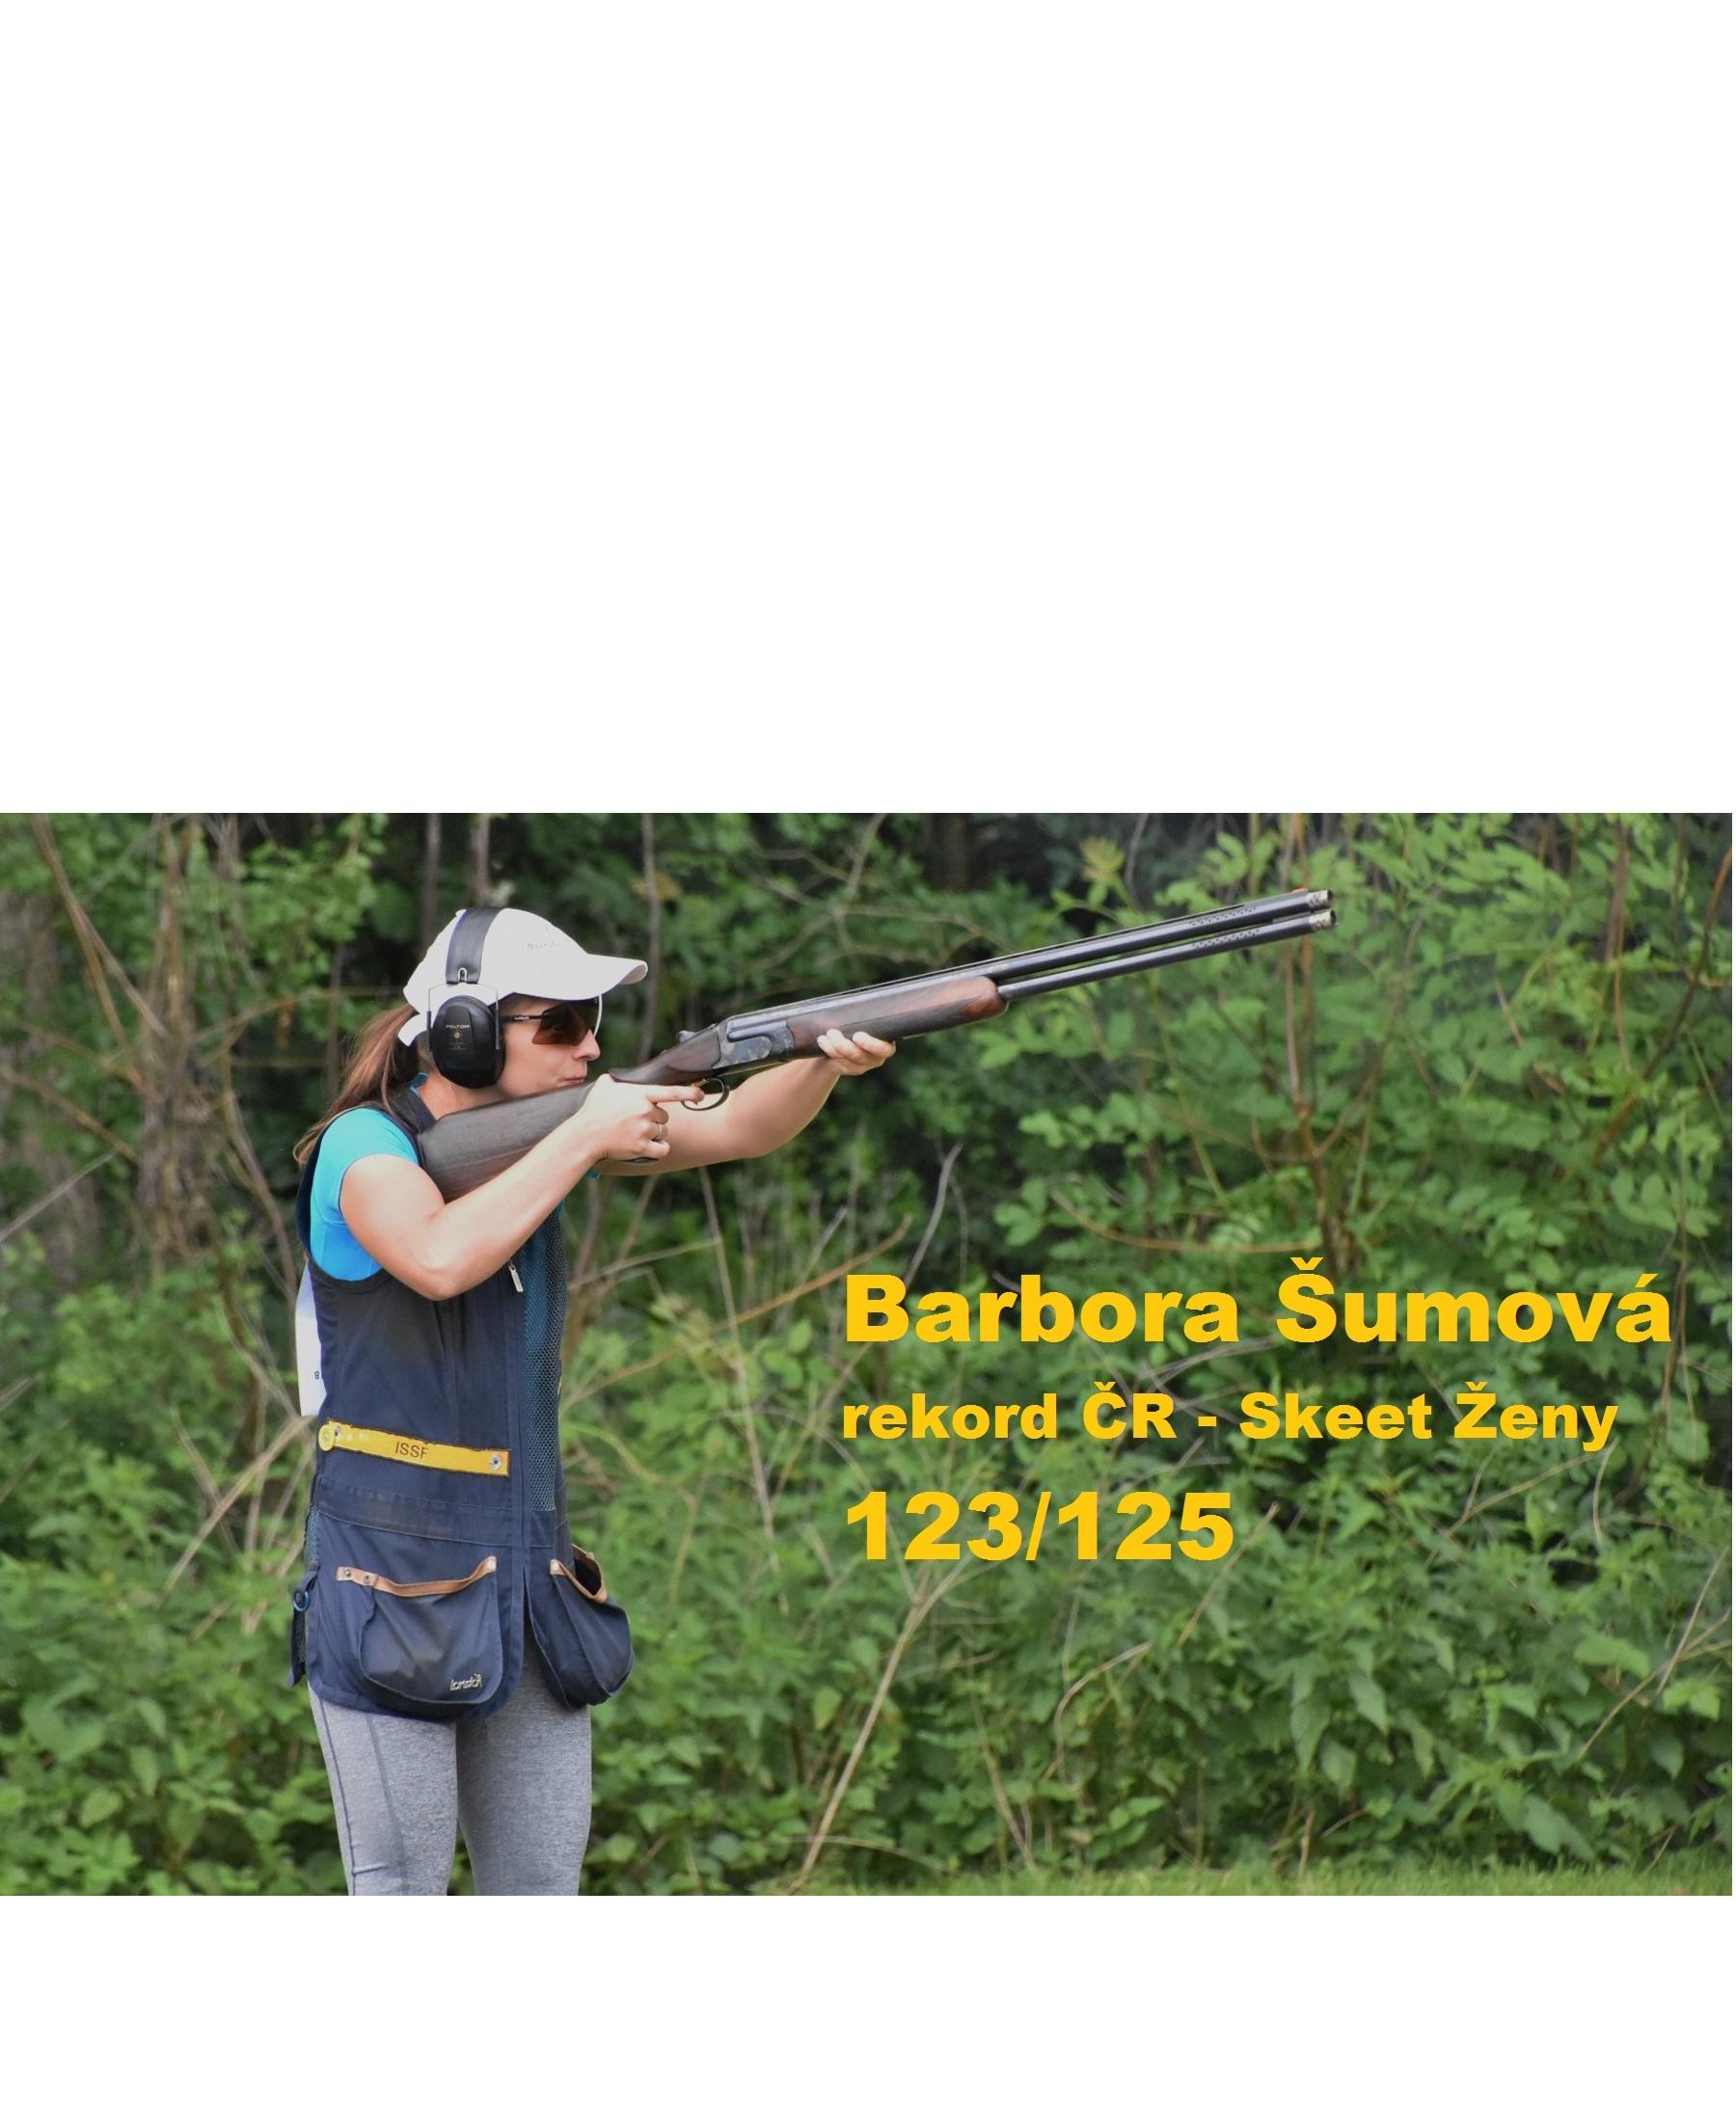 Barbora Šumová - rekord ve skeetu